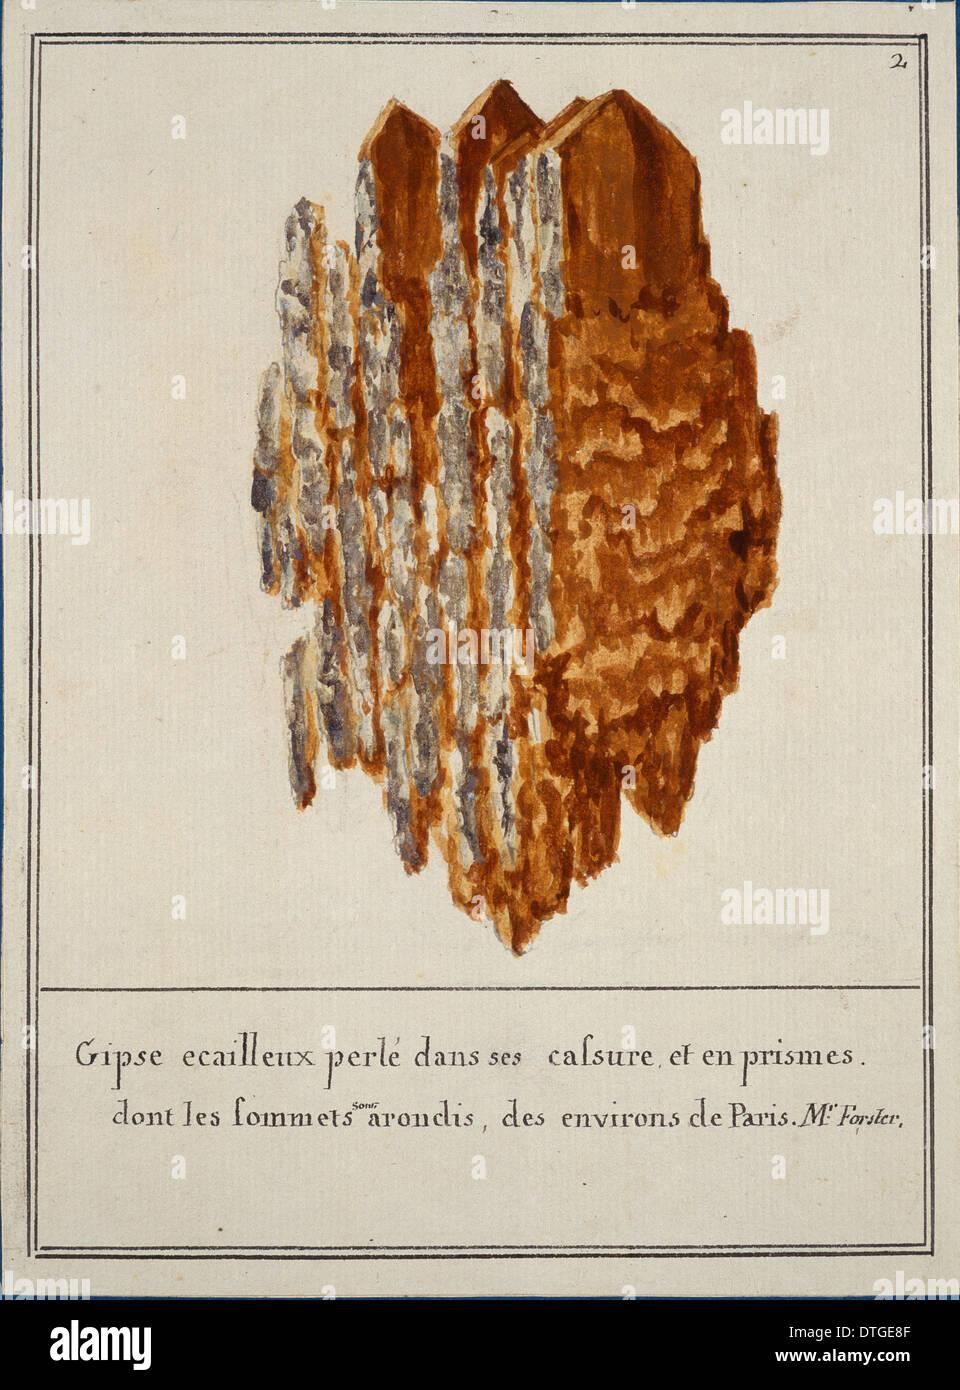 La piastra 2 da Mineralogie Volume 1 (1790) da Swebach Desfontaines Immagini Stock